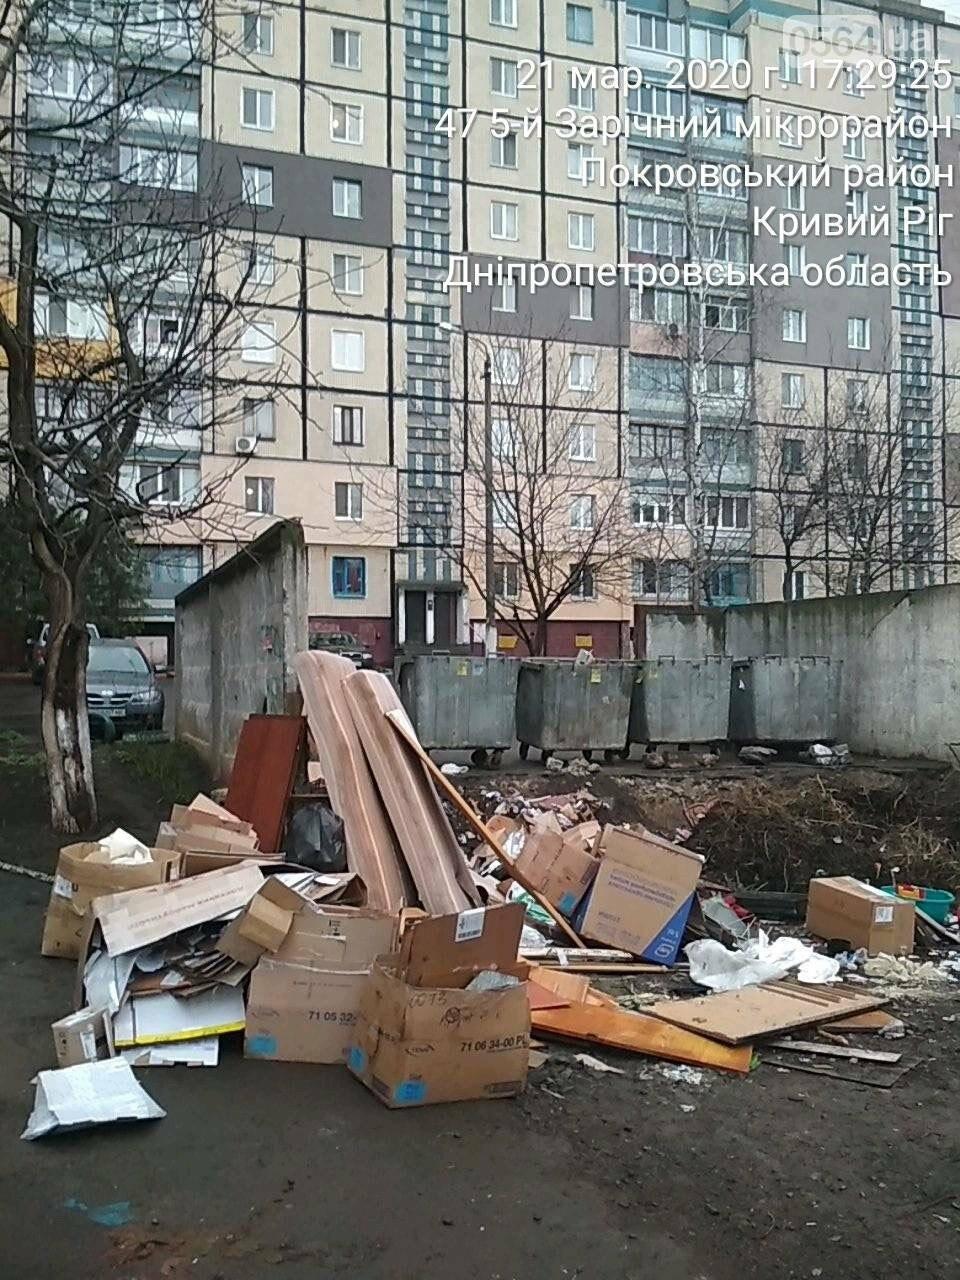 """""""Даже не смешно"""": криворожанам на просьбу реконструировать контейнерную площадку отчитались об уборке, - ФОТО, ВИДЕО , фото-4"""